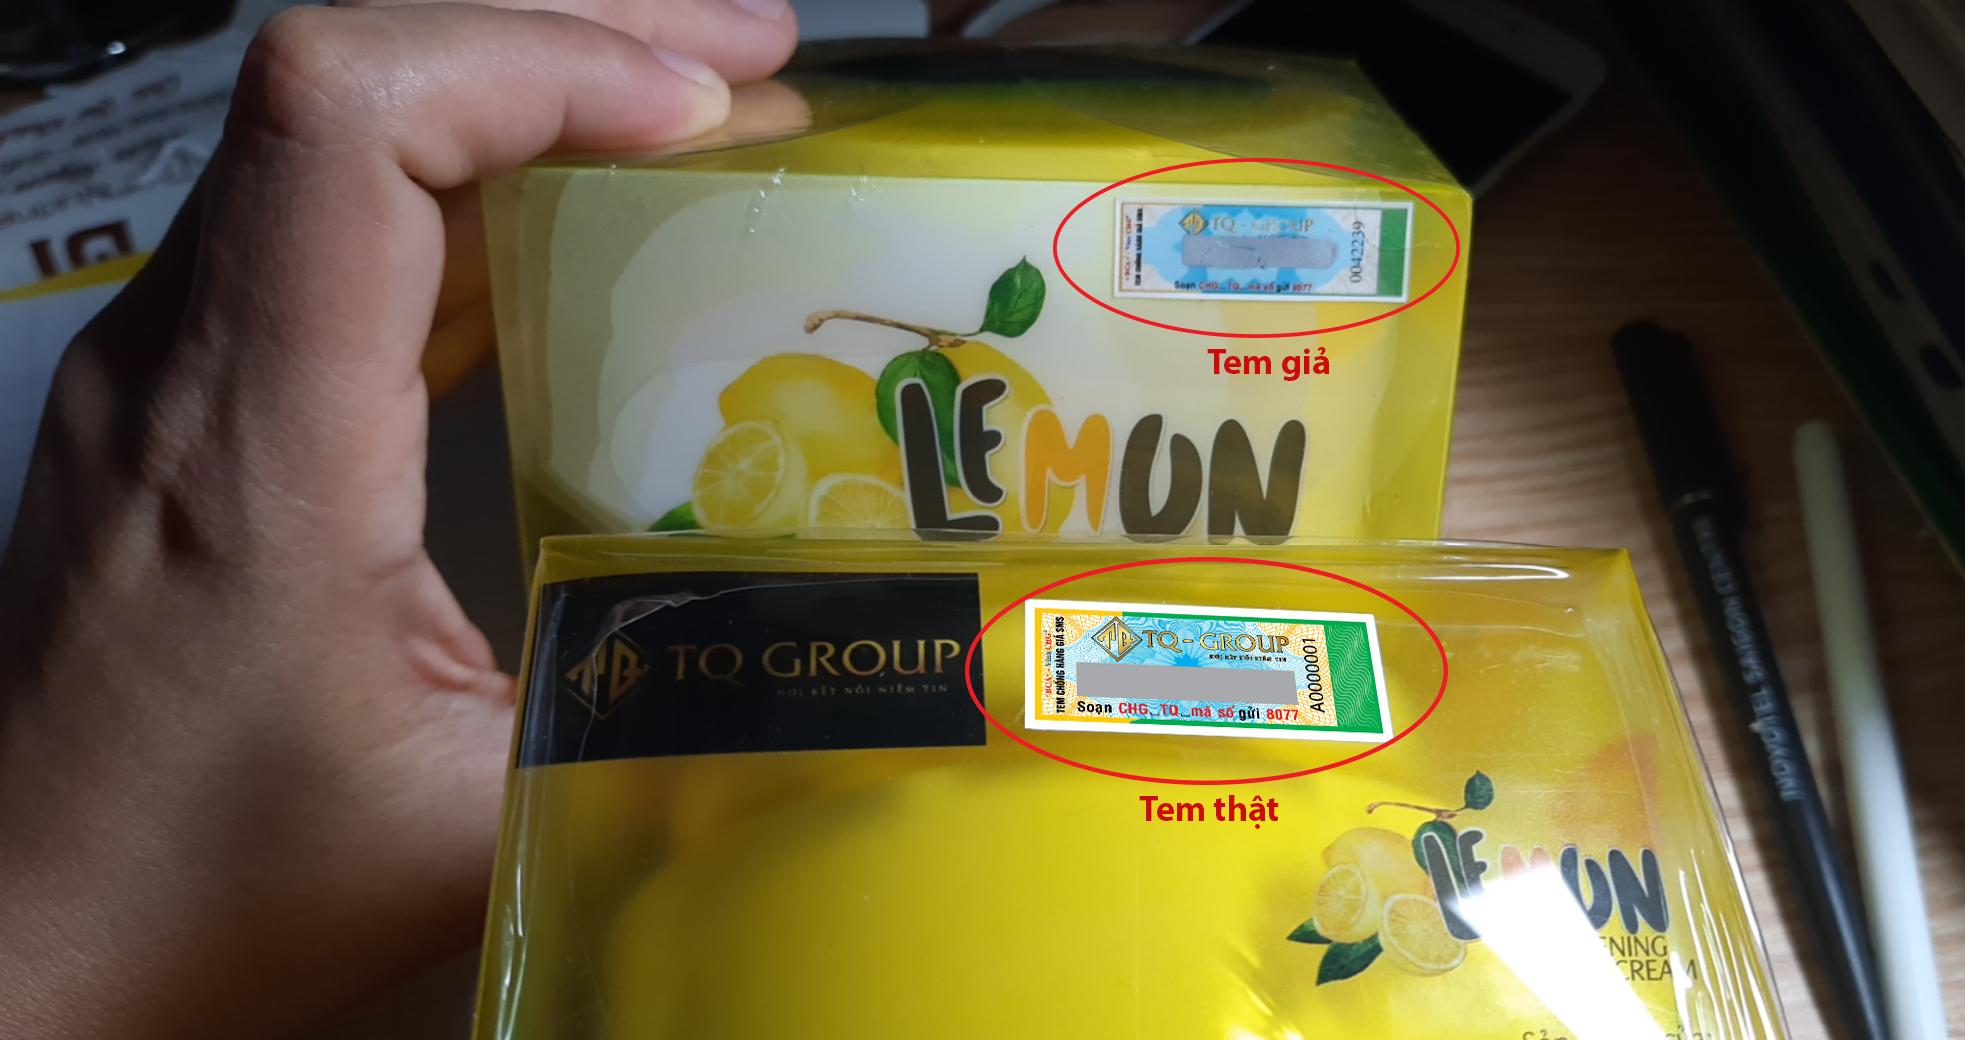 Hướng dẫn cách phân biệt hàng chính hãng sản phẩm Kem Body Chanh Lemon bằng tem chống hàng giả 1